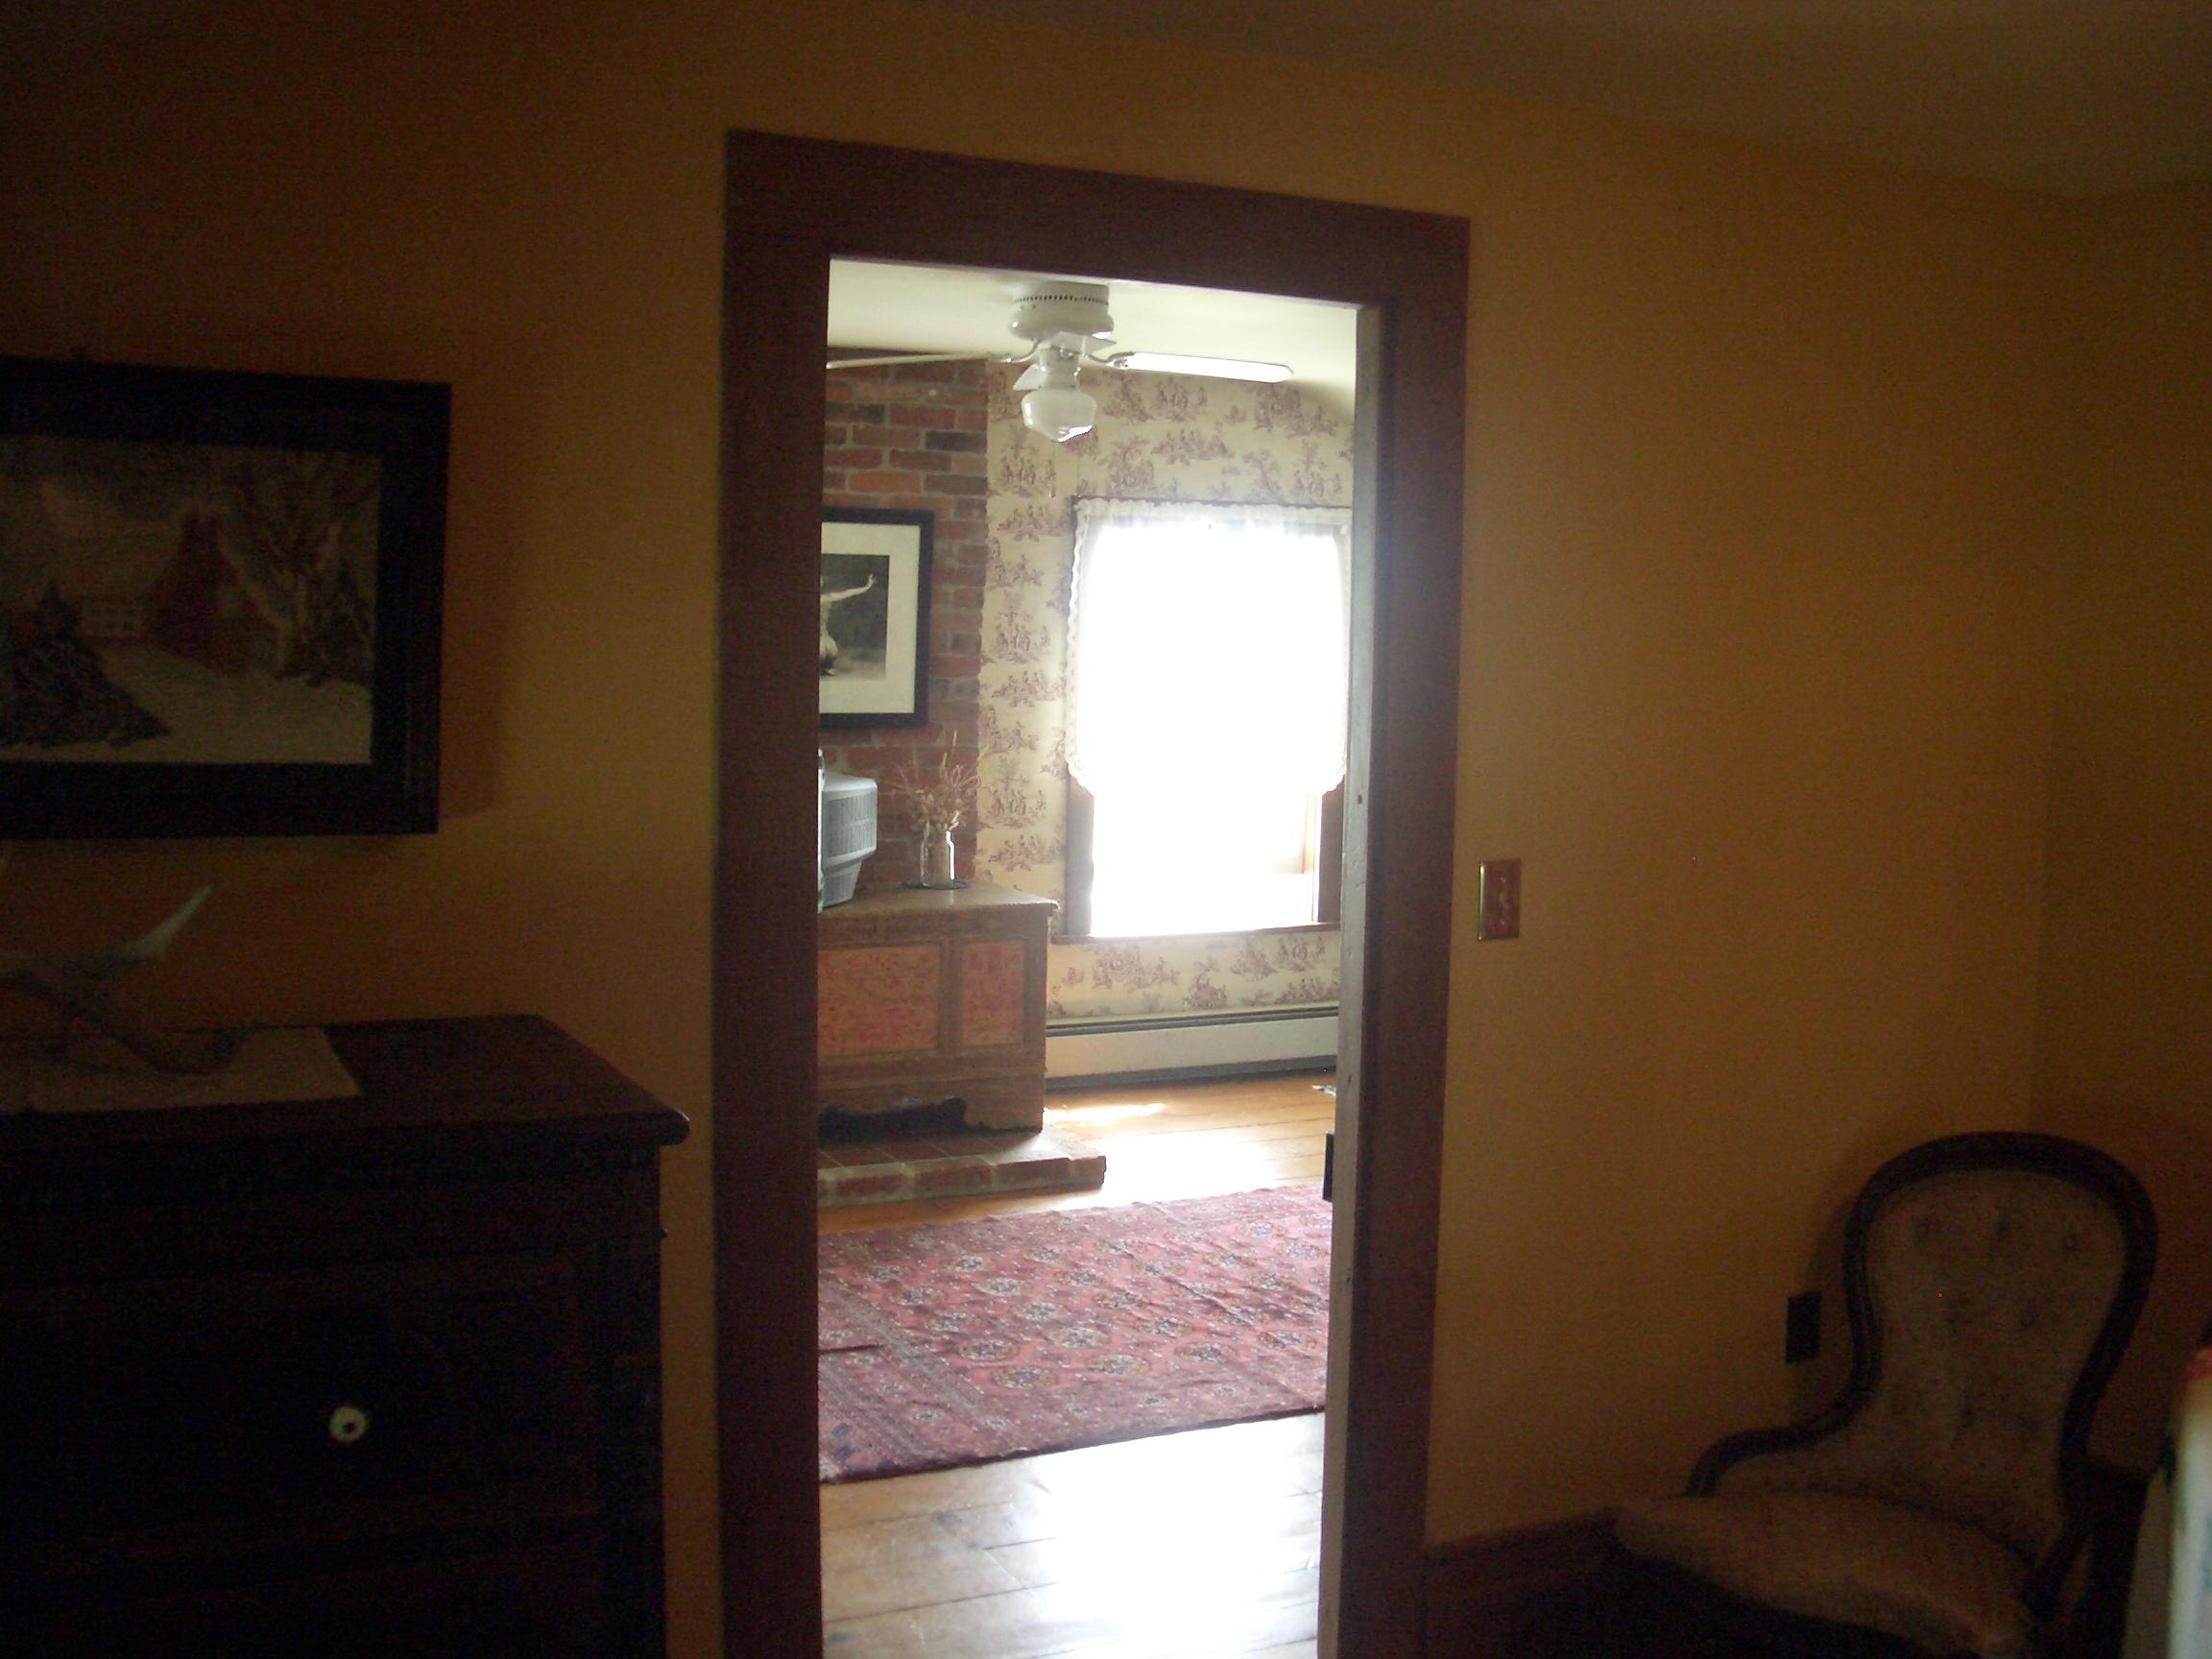 [Picture: Looking through a door.]